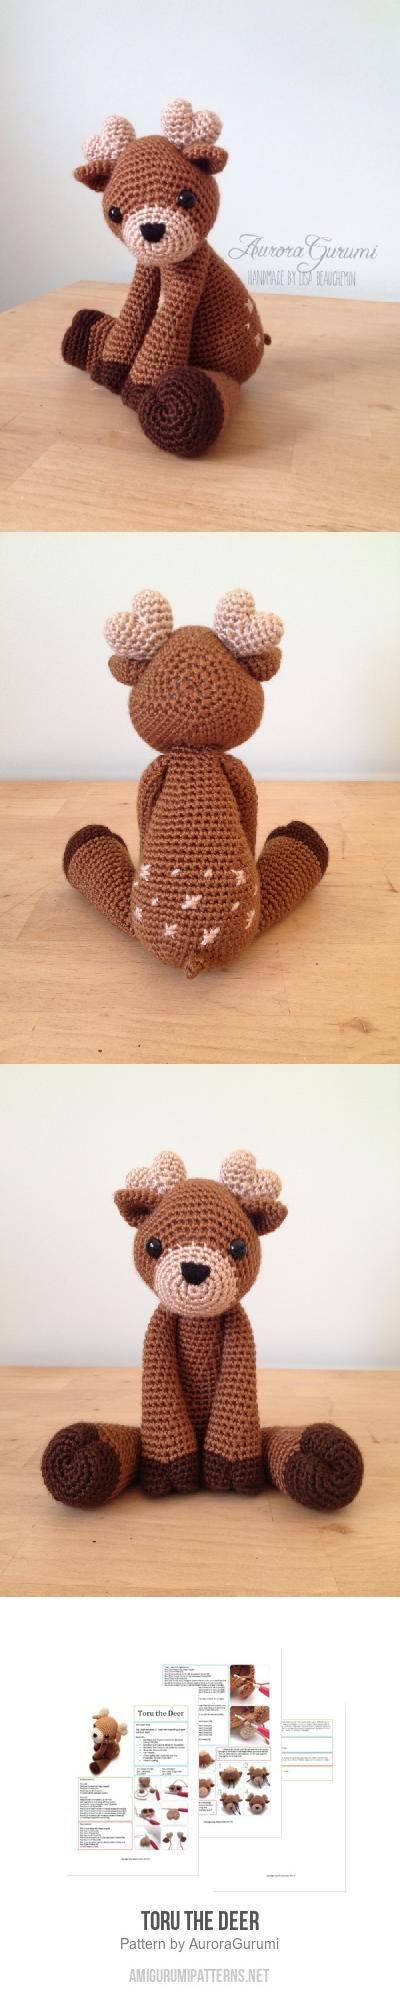 Toru the Deer amigurumi pattern